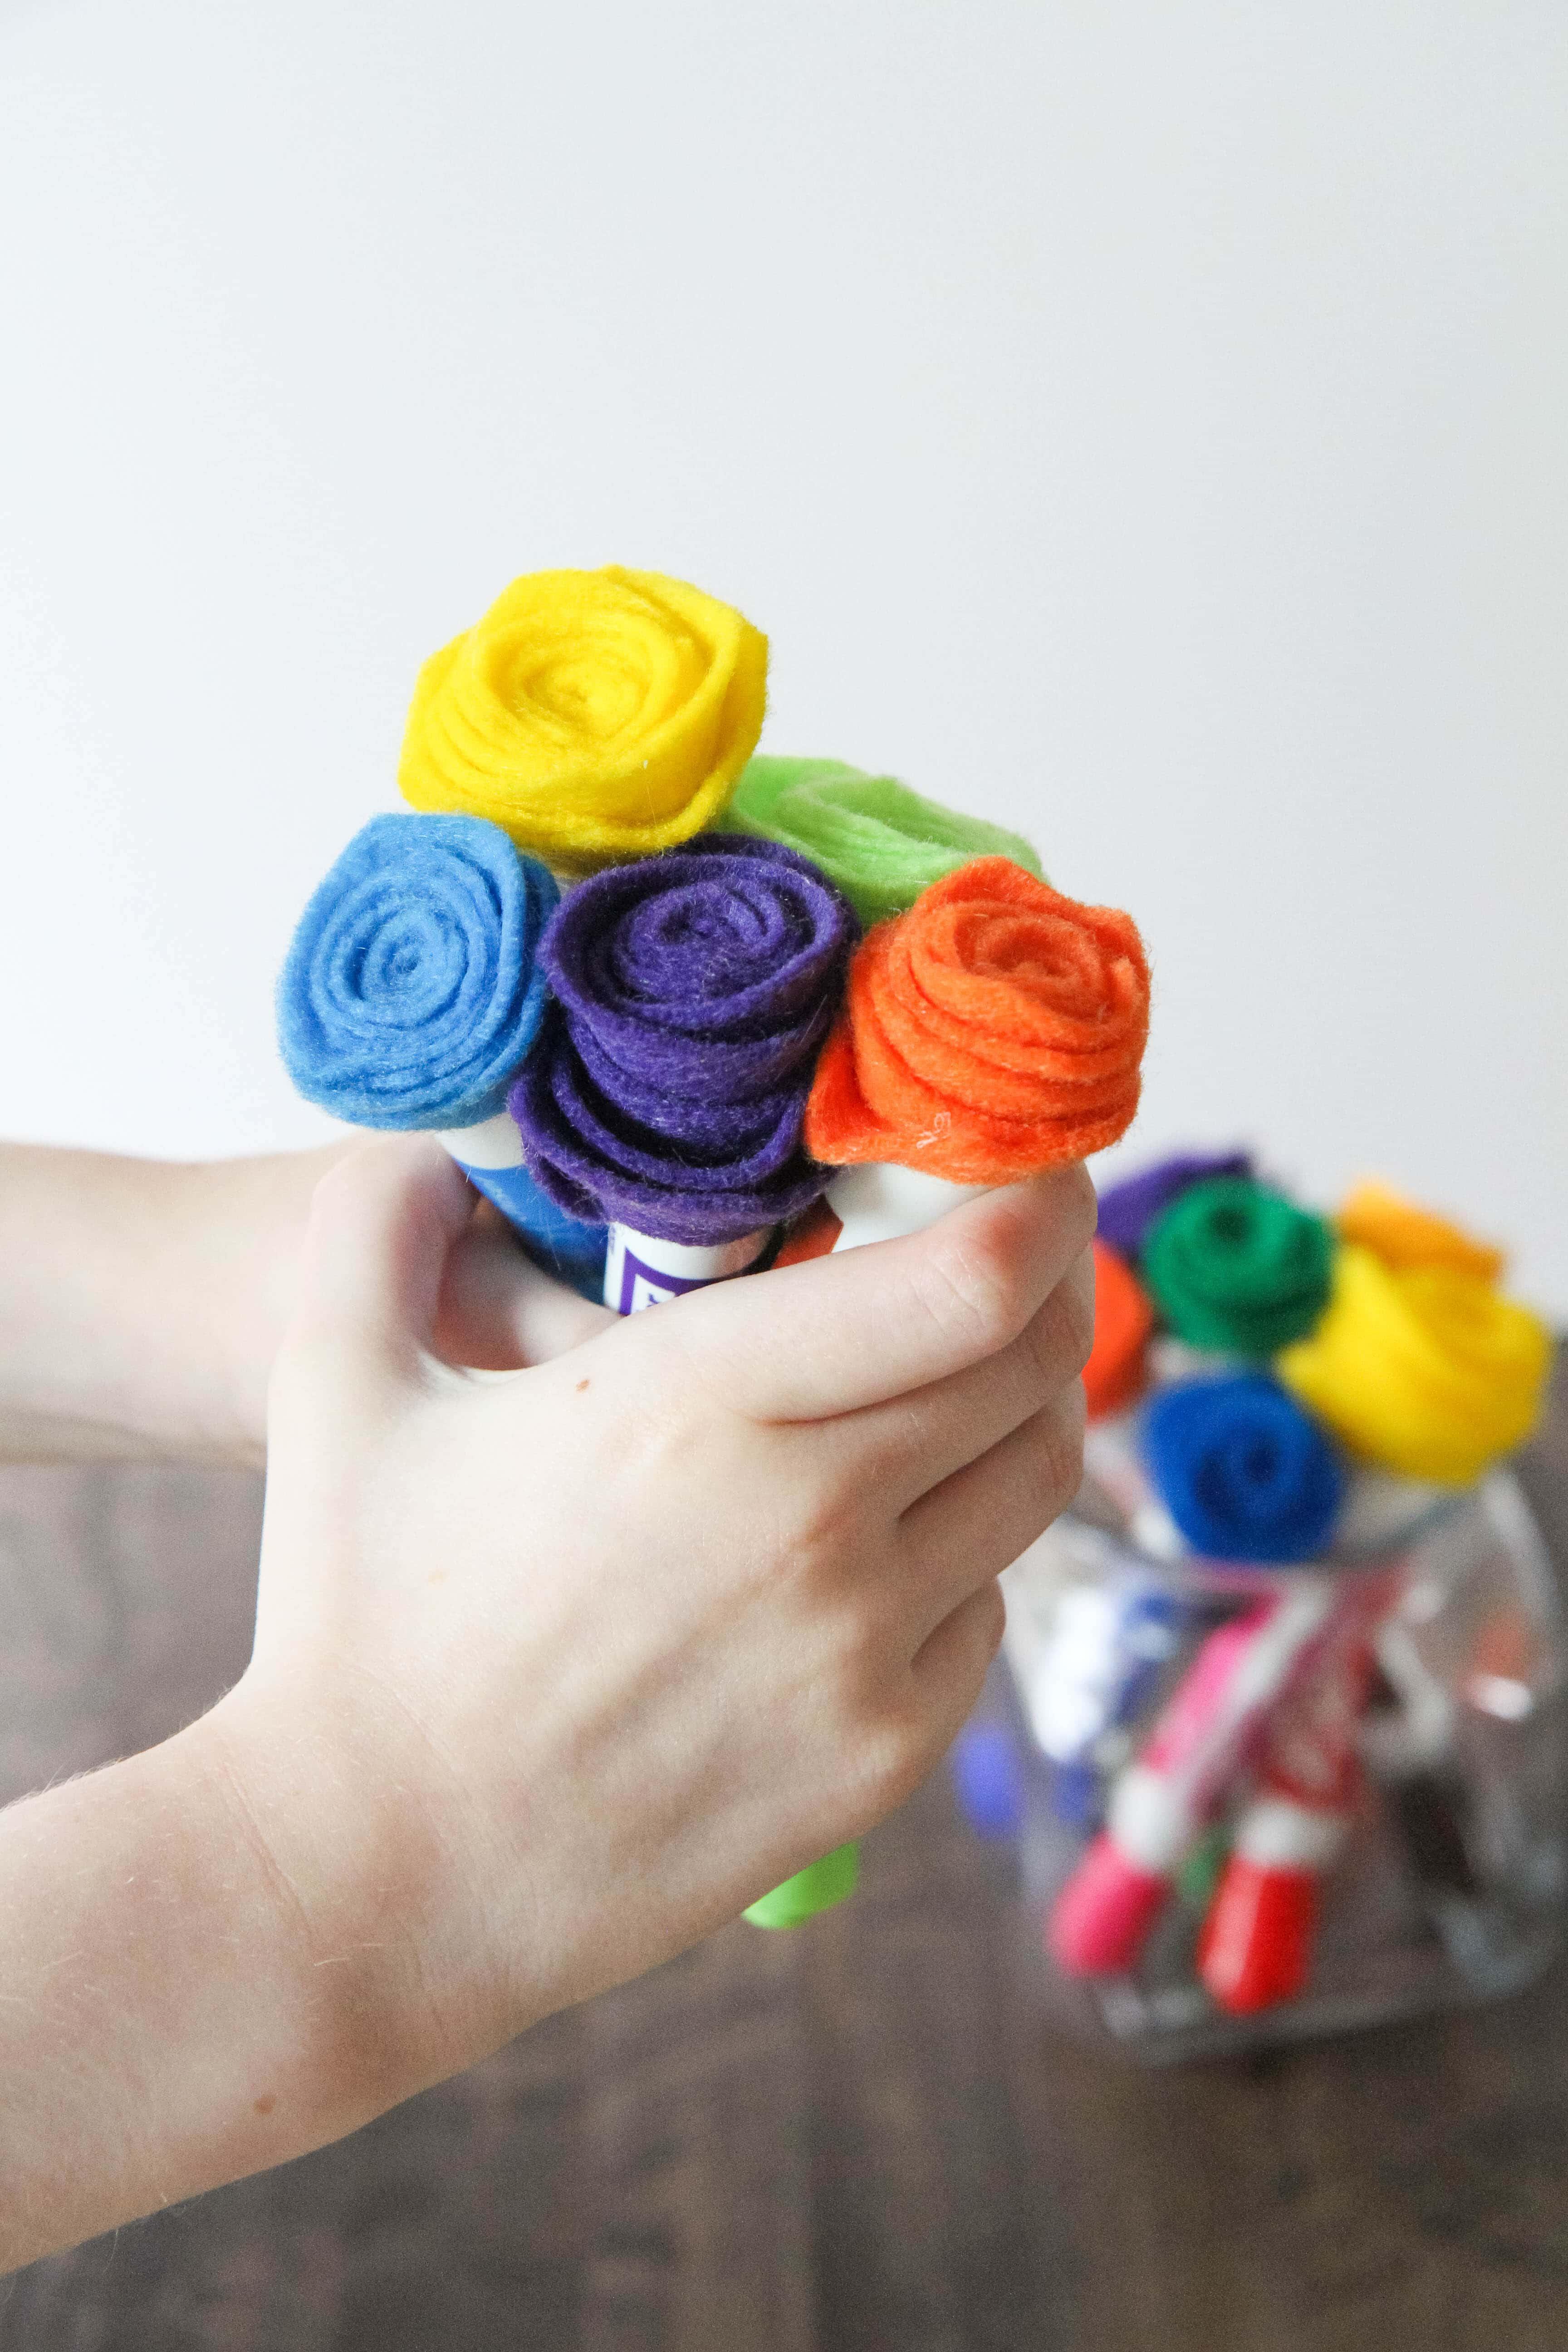 regalos hechos a mano unicos, ideas originales sobre que regalar a una profesora, flores hechos de fieltro en diferentes colores